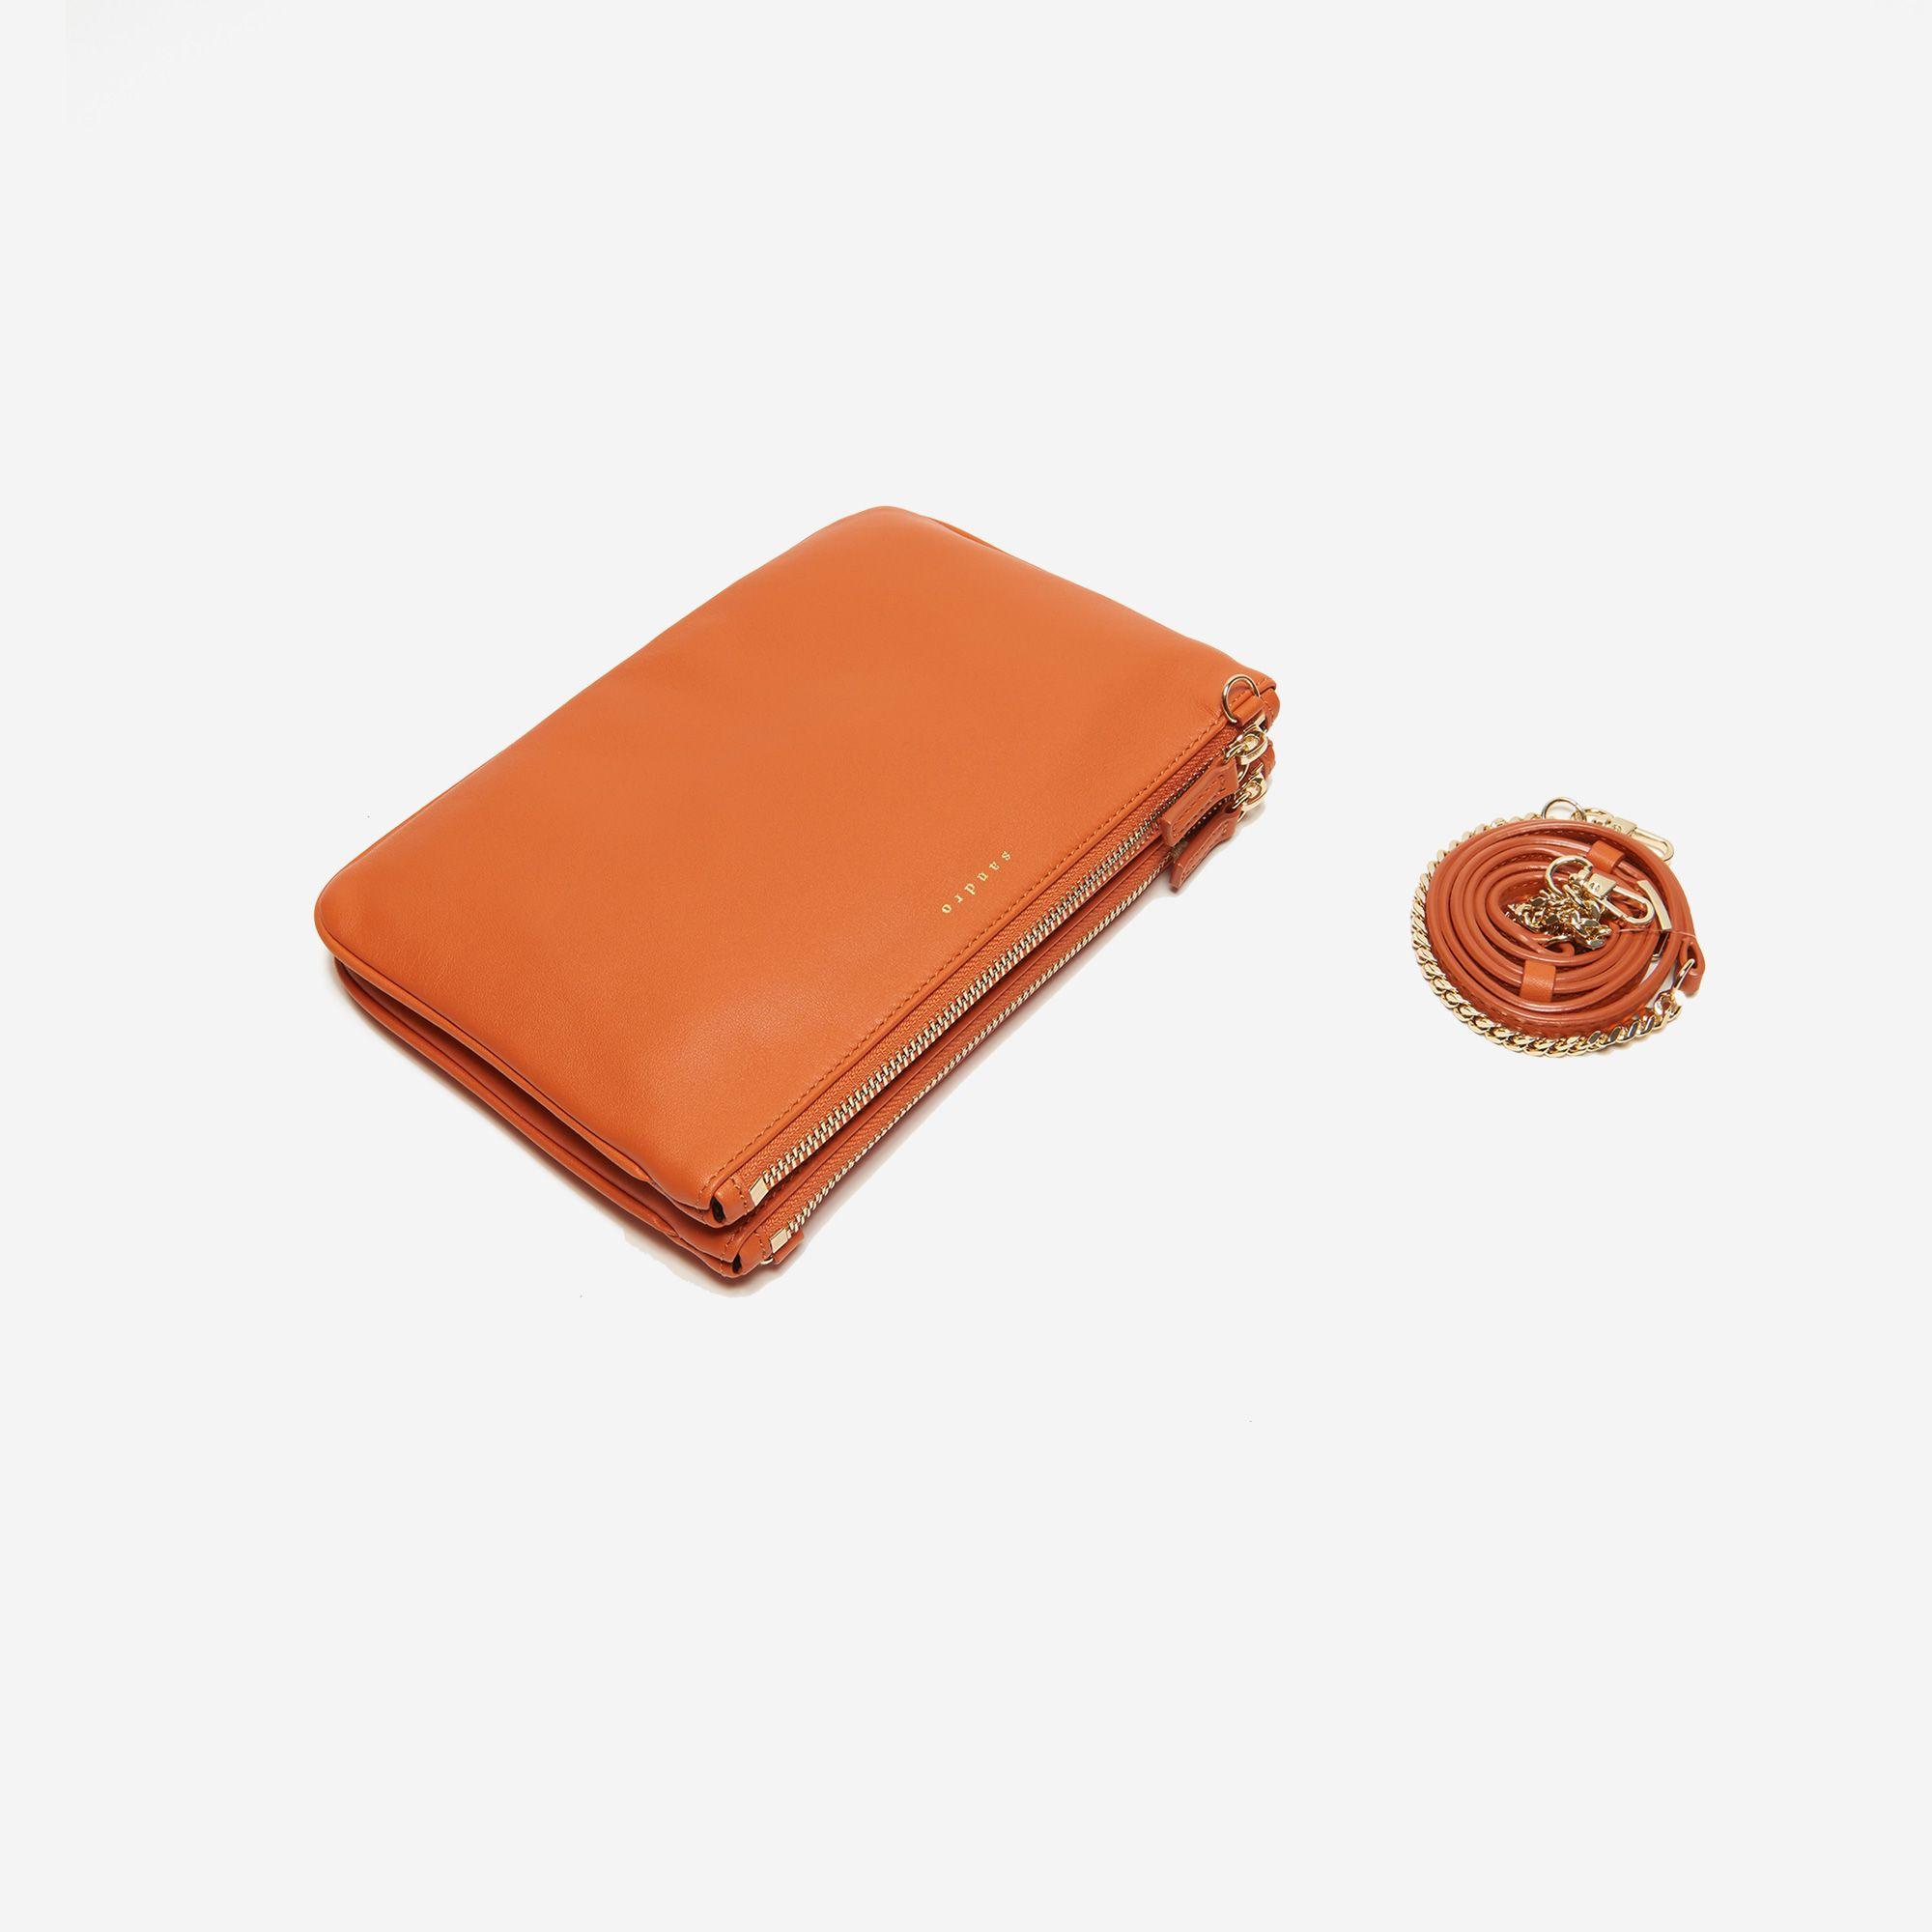 Sac Sandro à double pochette en cuir lisse. Fermetures zipées de couleur contrastée. Anse amovible en chaîne et en cuir. Dimensions: 23 x 16 cm.